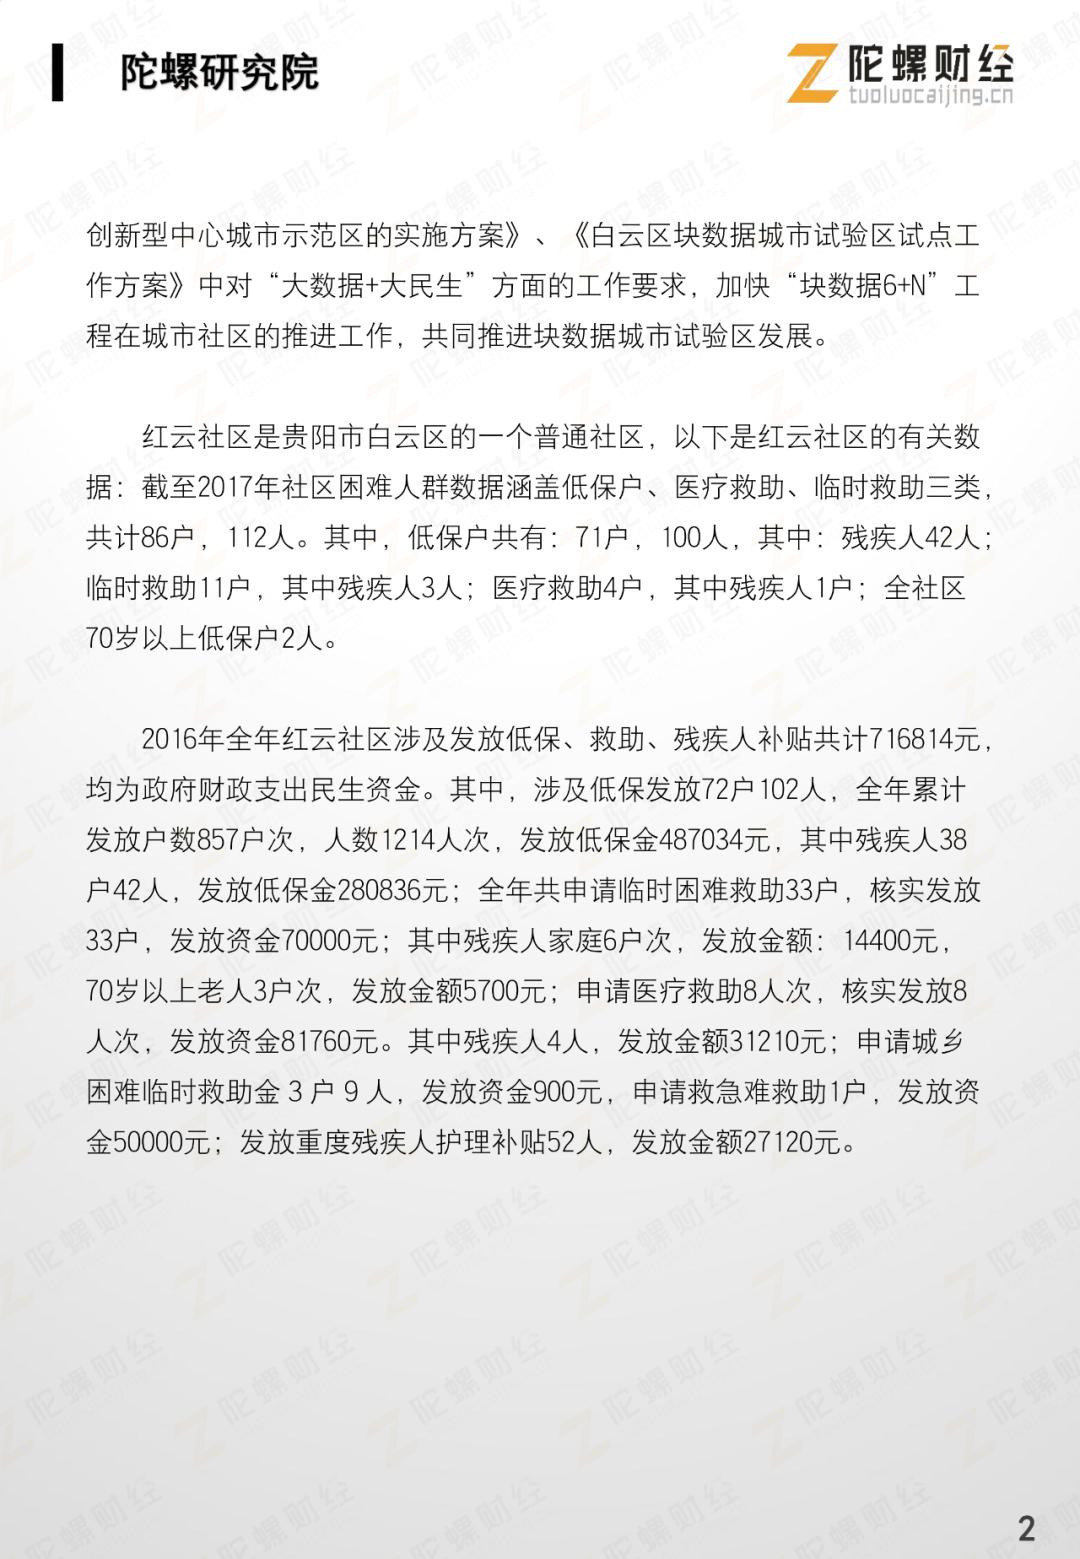 网录科技行业案例 | 贵阳市红云社区助困区块链系统